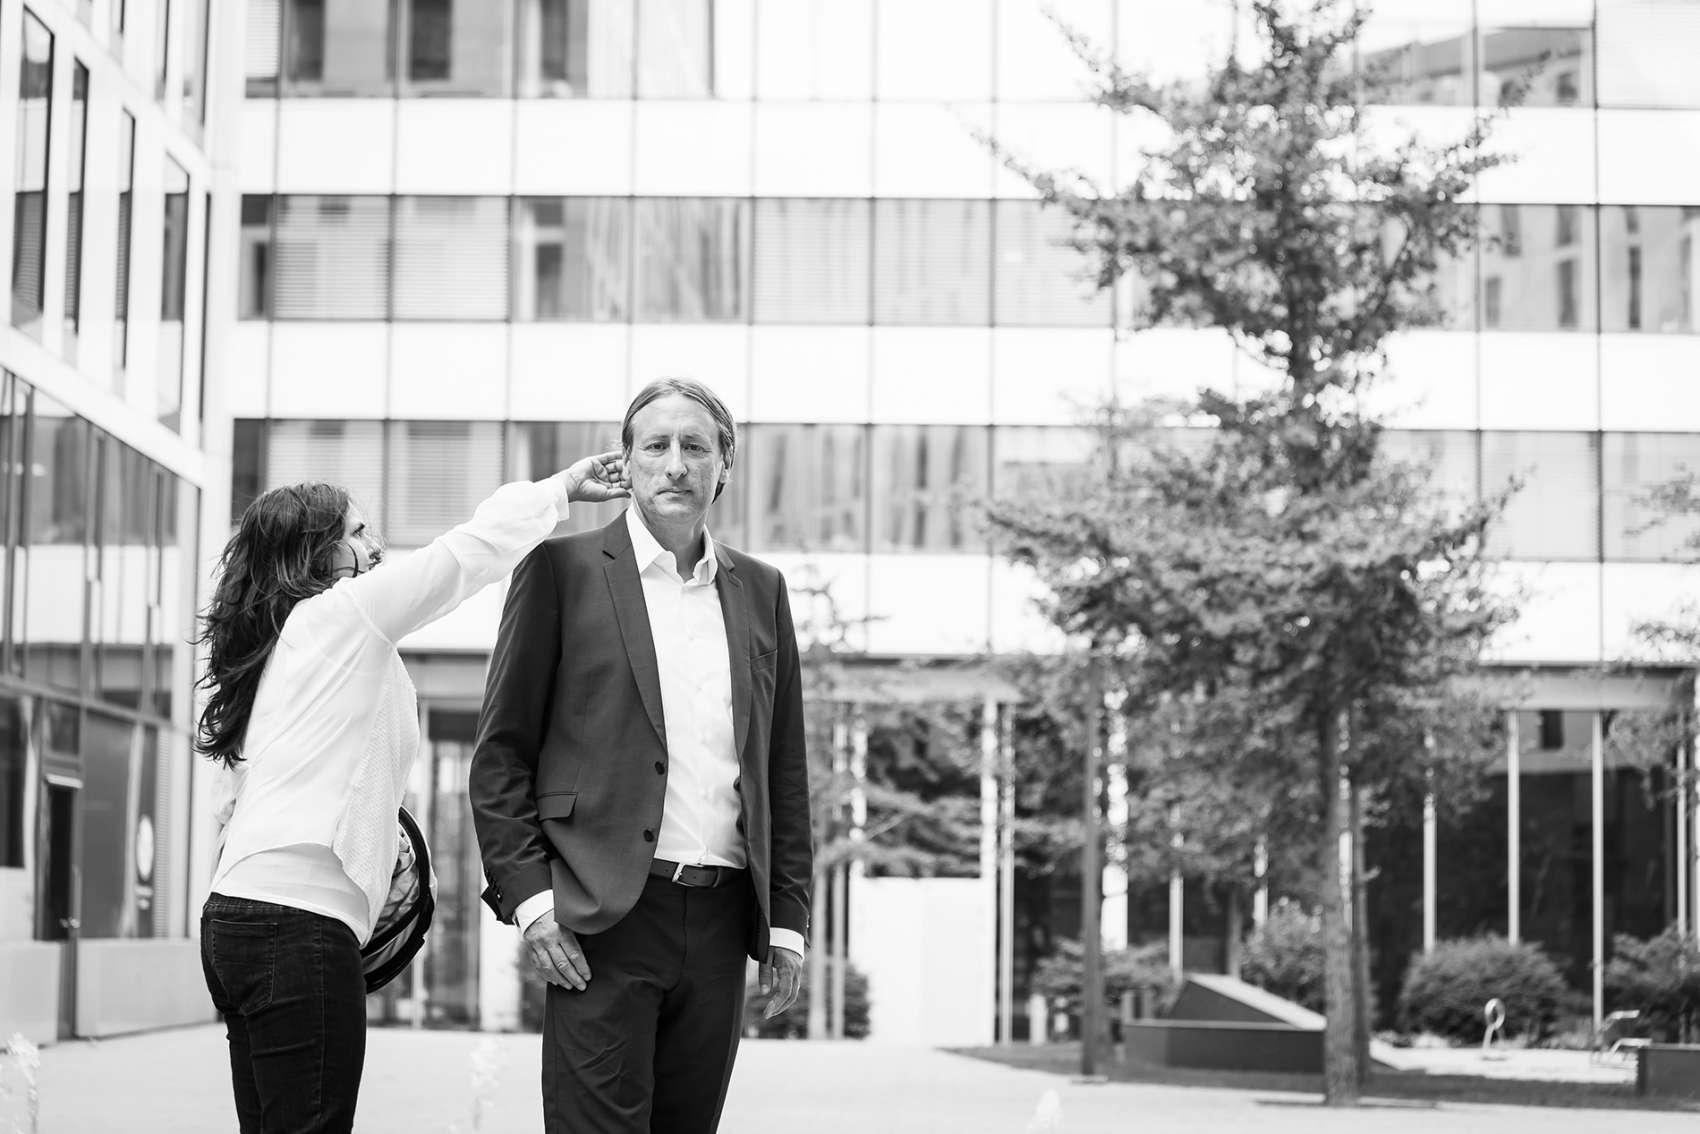 Thorsten Visbal, Unternehmensentwicklung & Konfliktlösungen